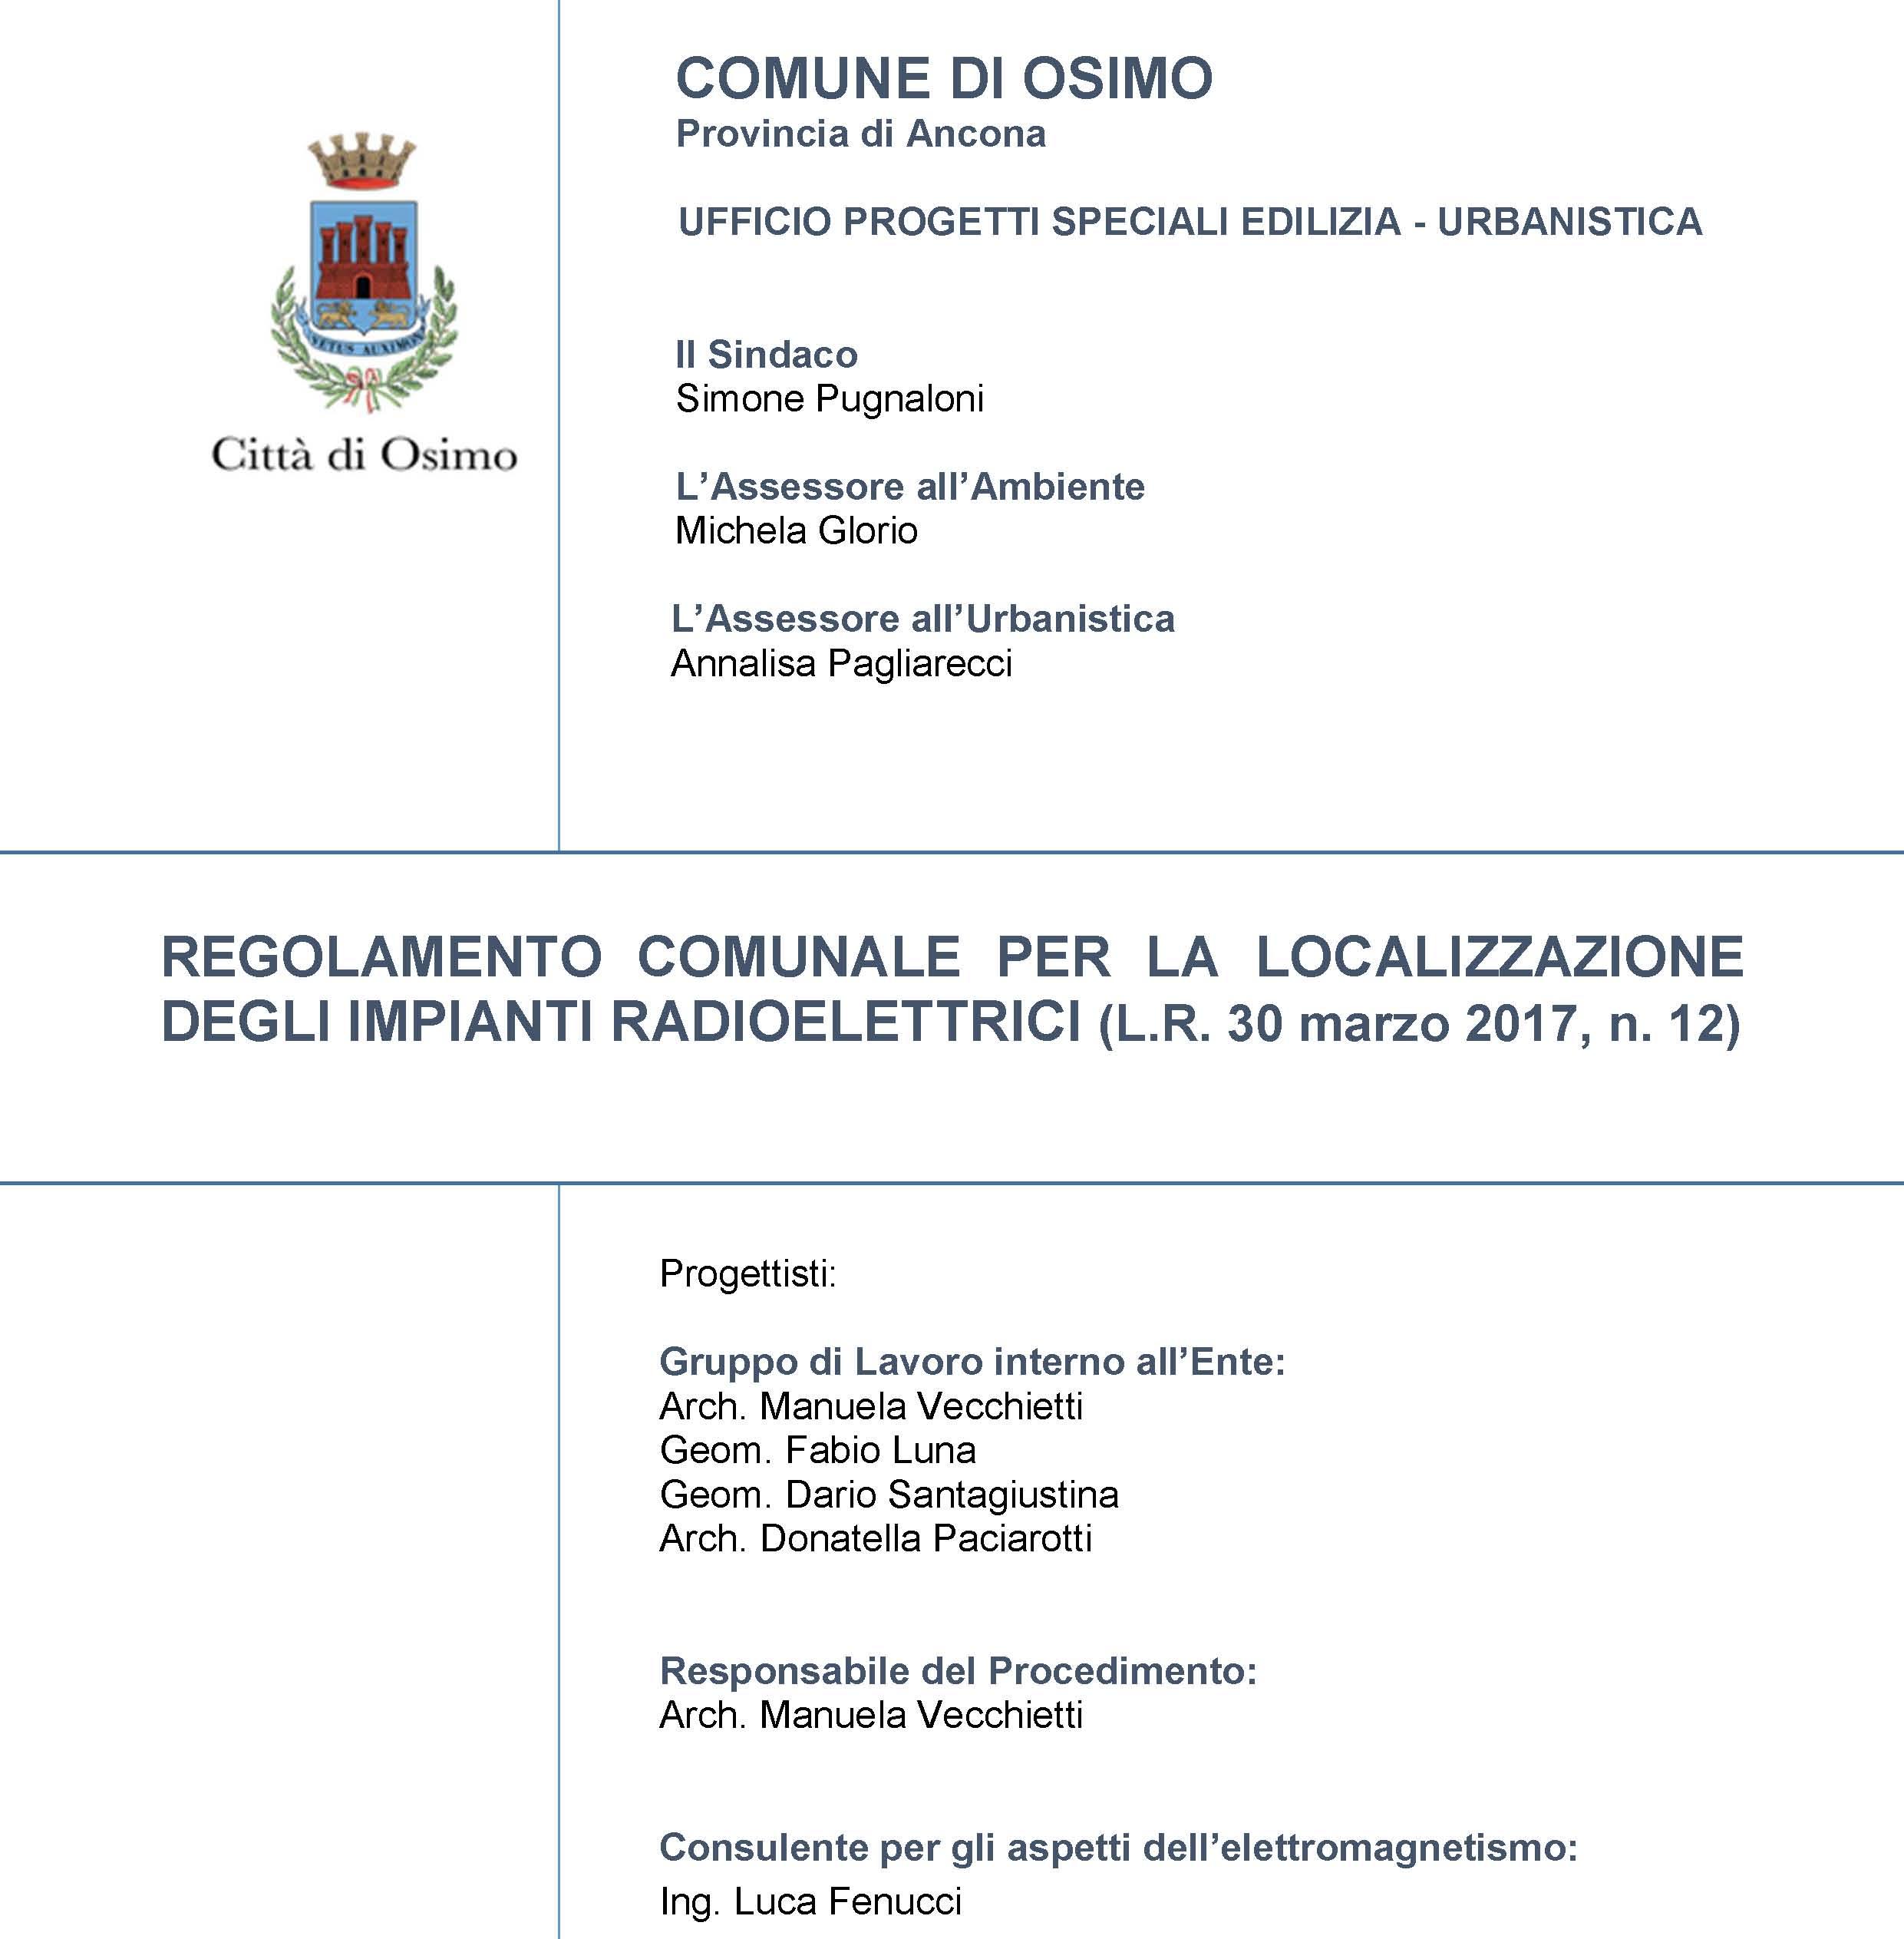 """""""Regolamento Comunale per la Localizzazione degli Impianti Radioelettrici (L.R. 30 marzo 2017, n. 12)"""" – Bozza"""